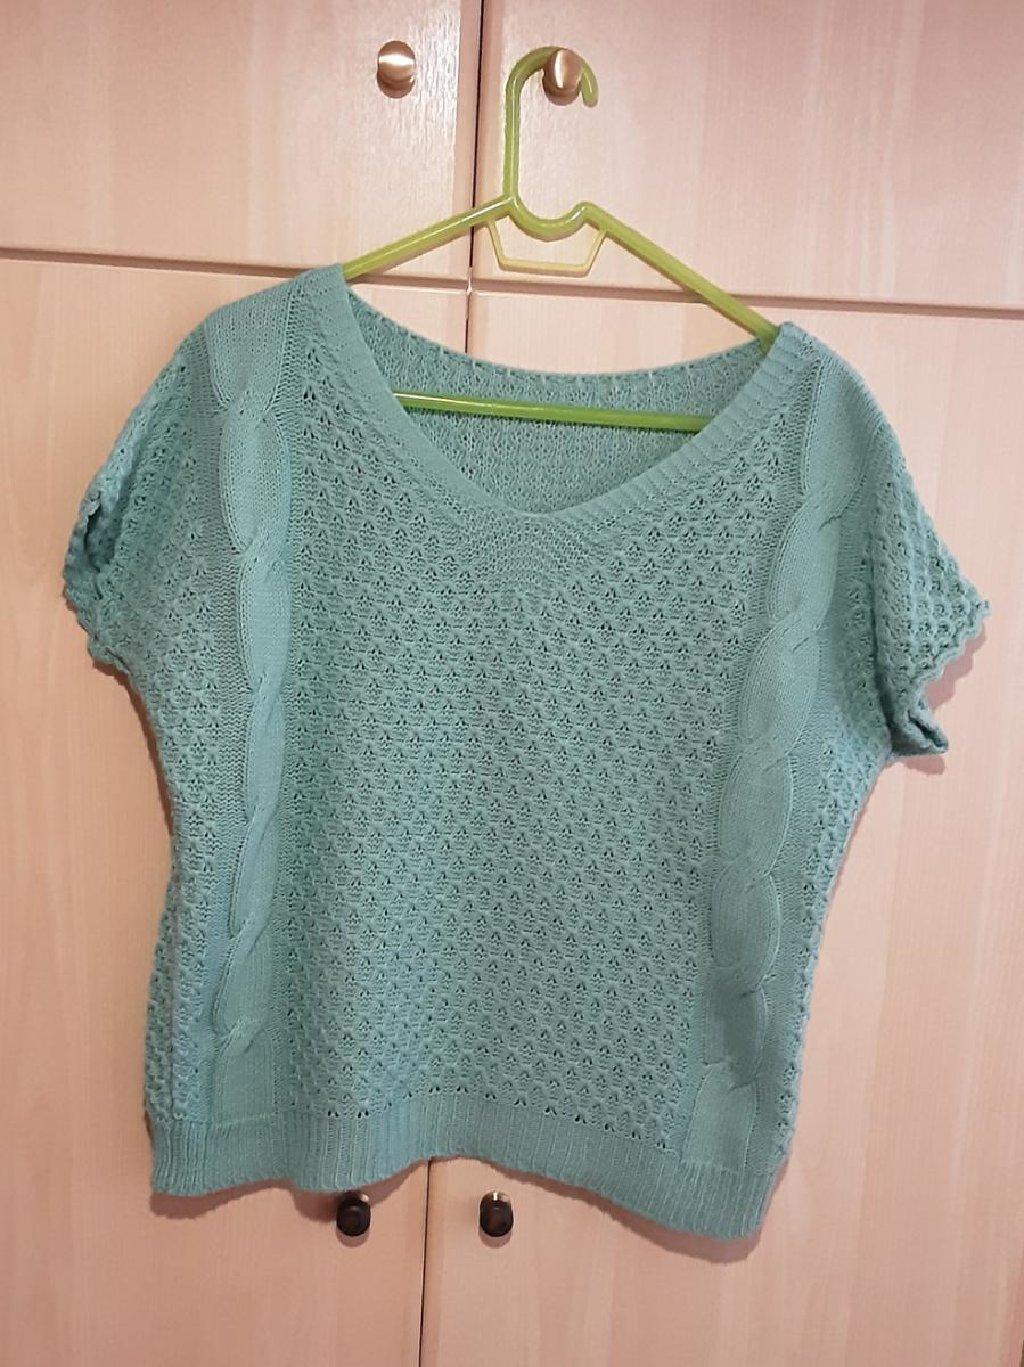 Αθλητικές φόρμες - Καματερó: Πλεκτή μπλούζα, One Size, χρώμα : βεραμάν, αφόρετη